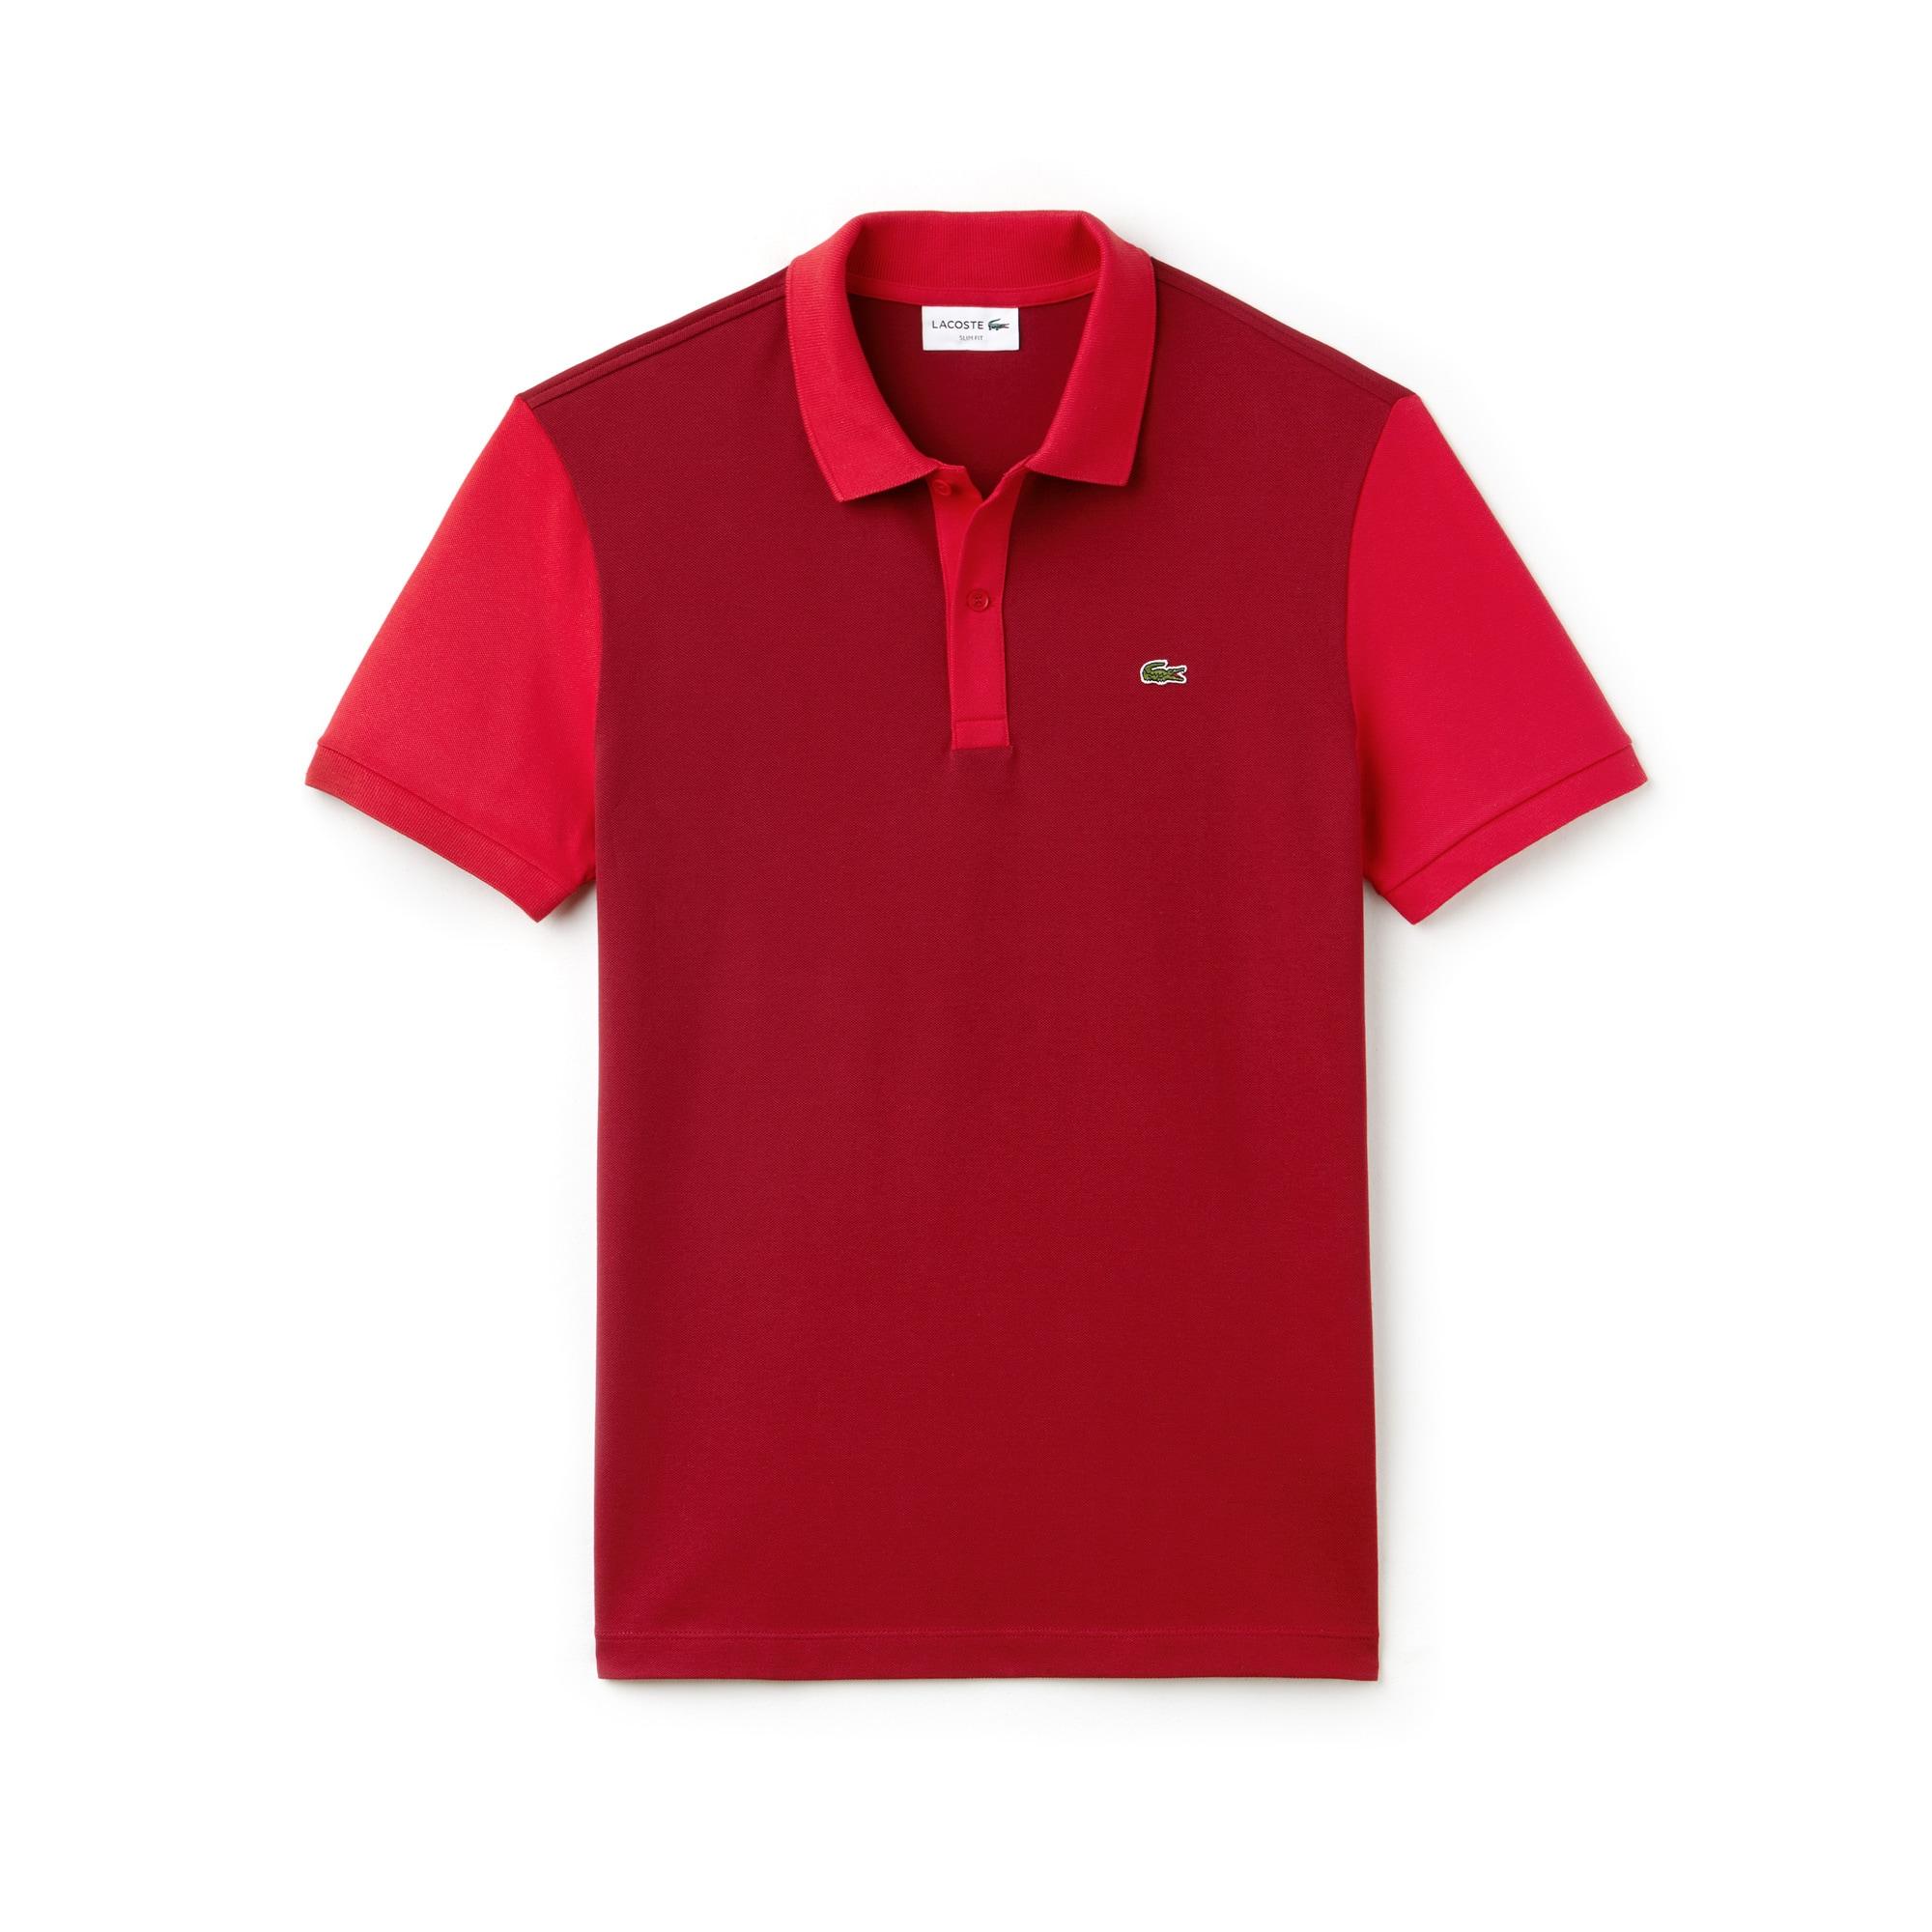 Men's Lacoste Slim Fit Colorblock Stretch Pima Piqué Polo Shirt